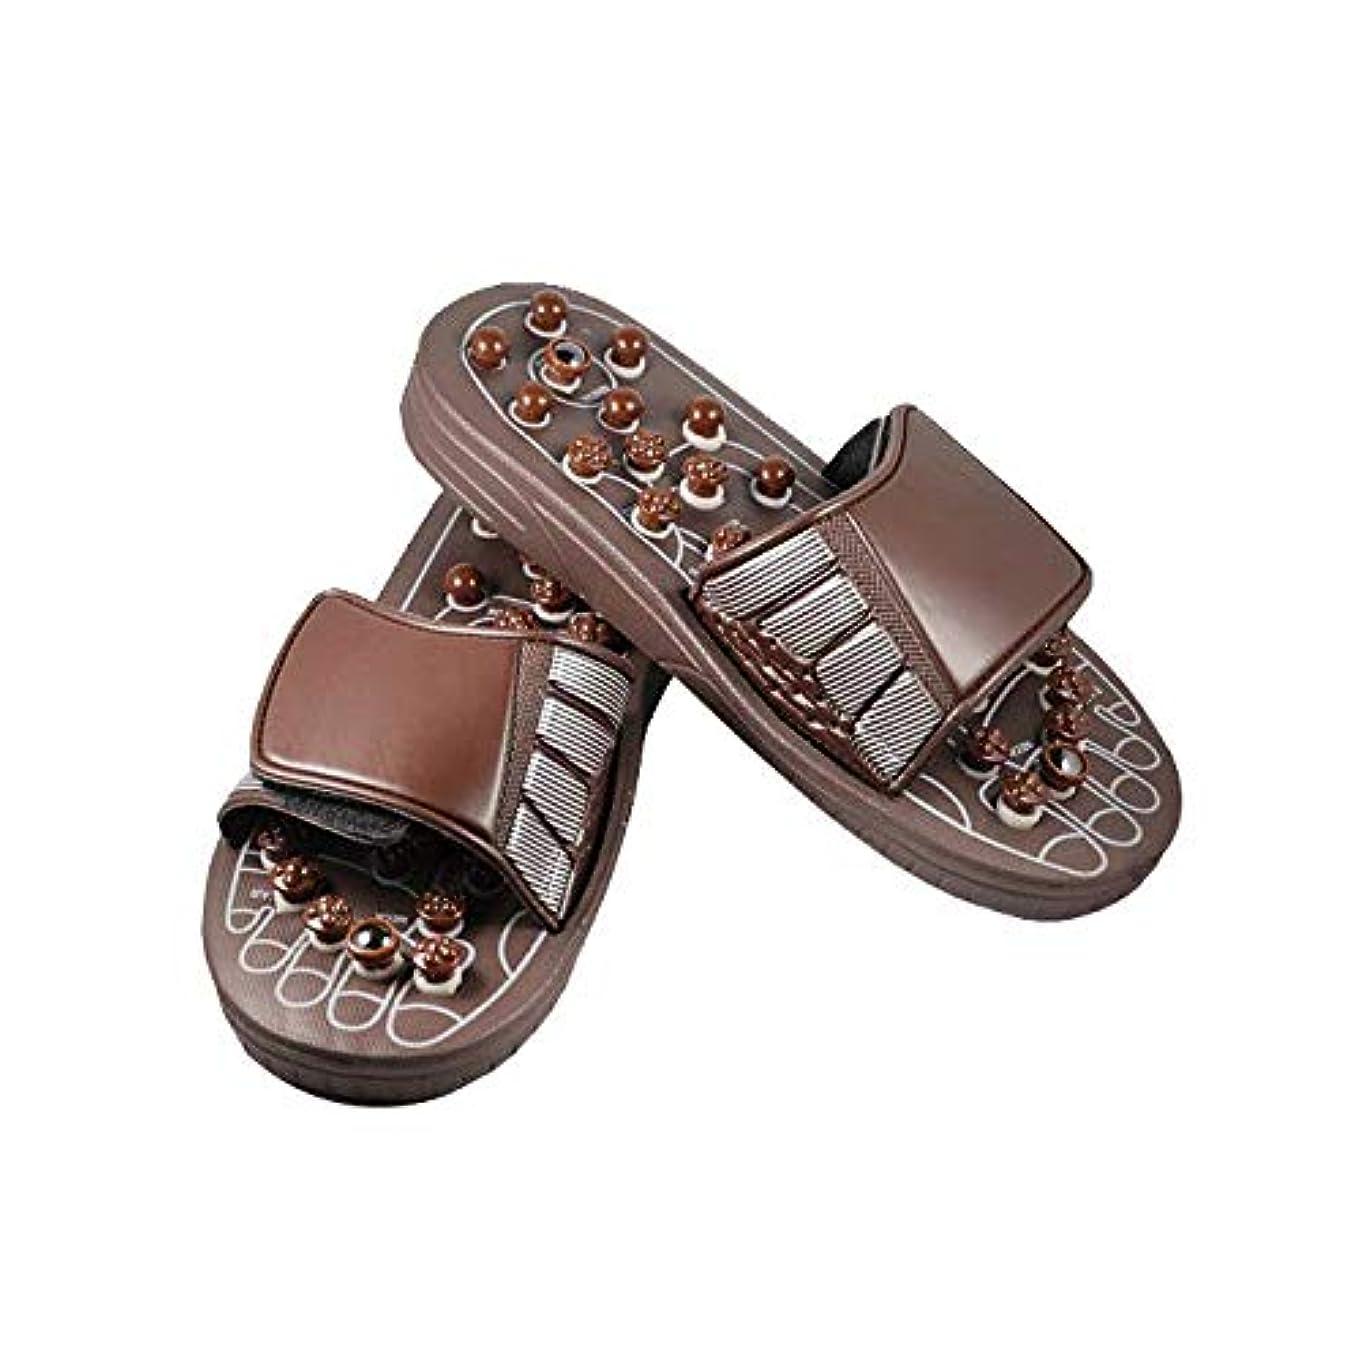 フェミニン競争測定Euphoric Feet 男性と女性のためのマッサージスリッパ足リフレクソロジー指圧サンダルの靴の救済痛み (M)